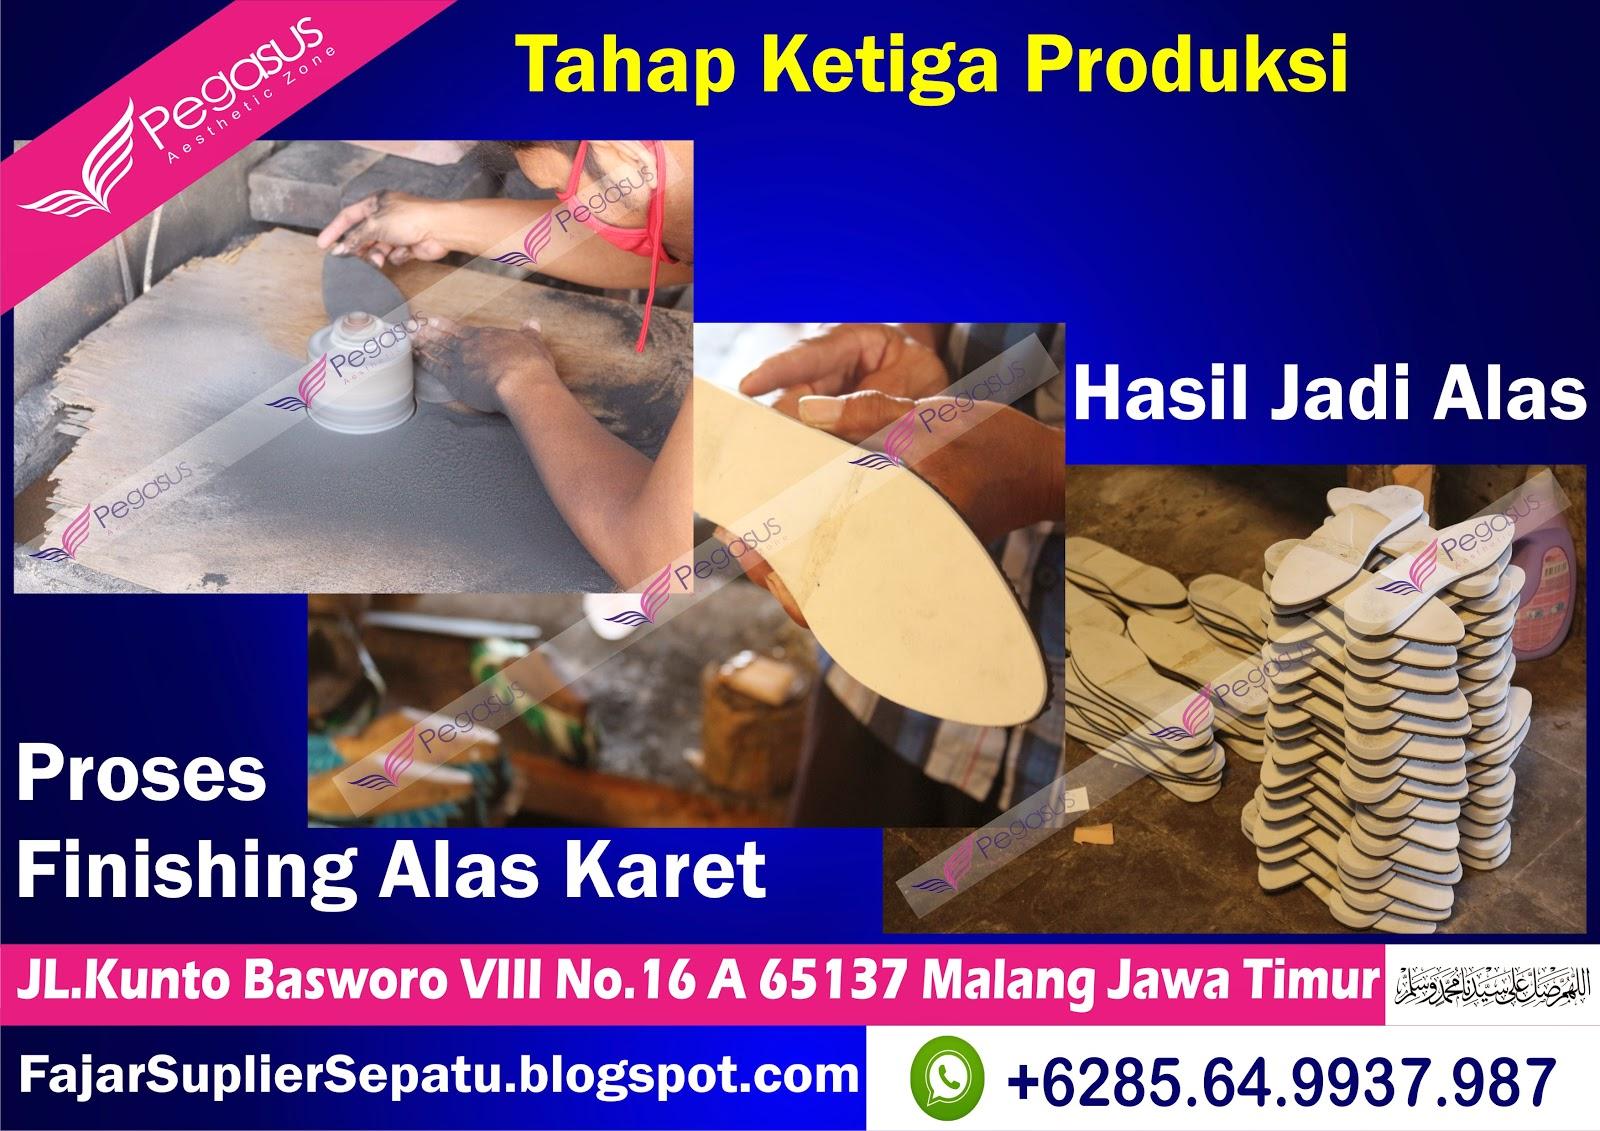 Distributor Sepatu Bordir Murah, Toko Sepatu Wanita Online, Toko Sepatu Wanita Murah, +62.8564.993.7987